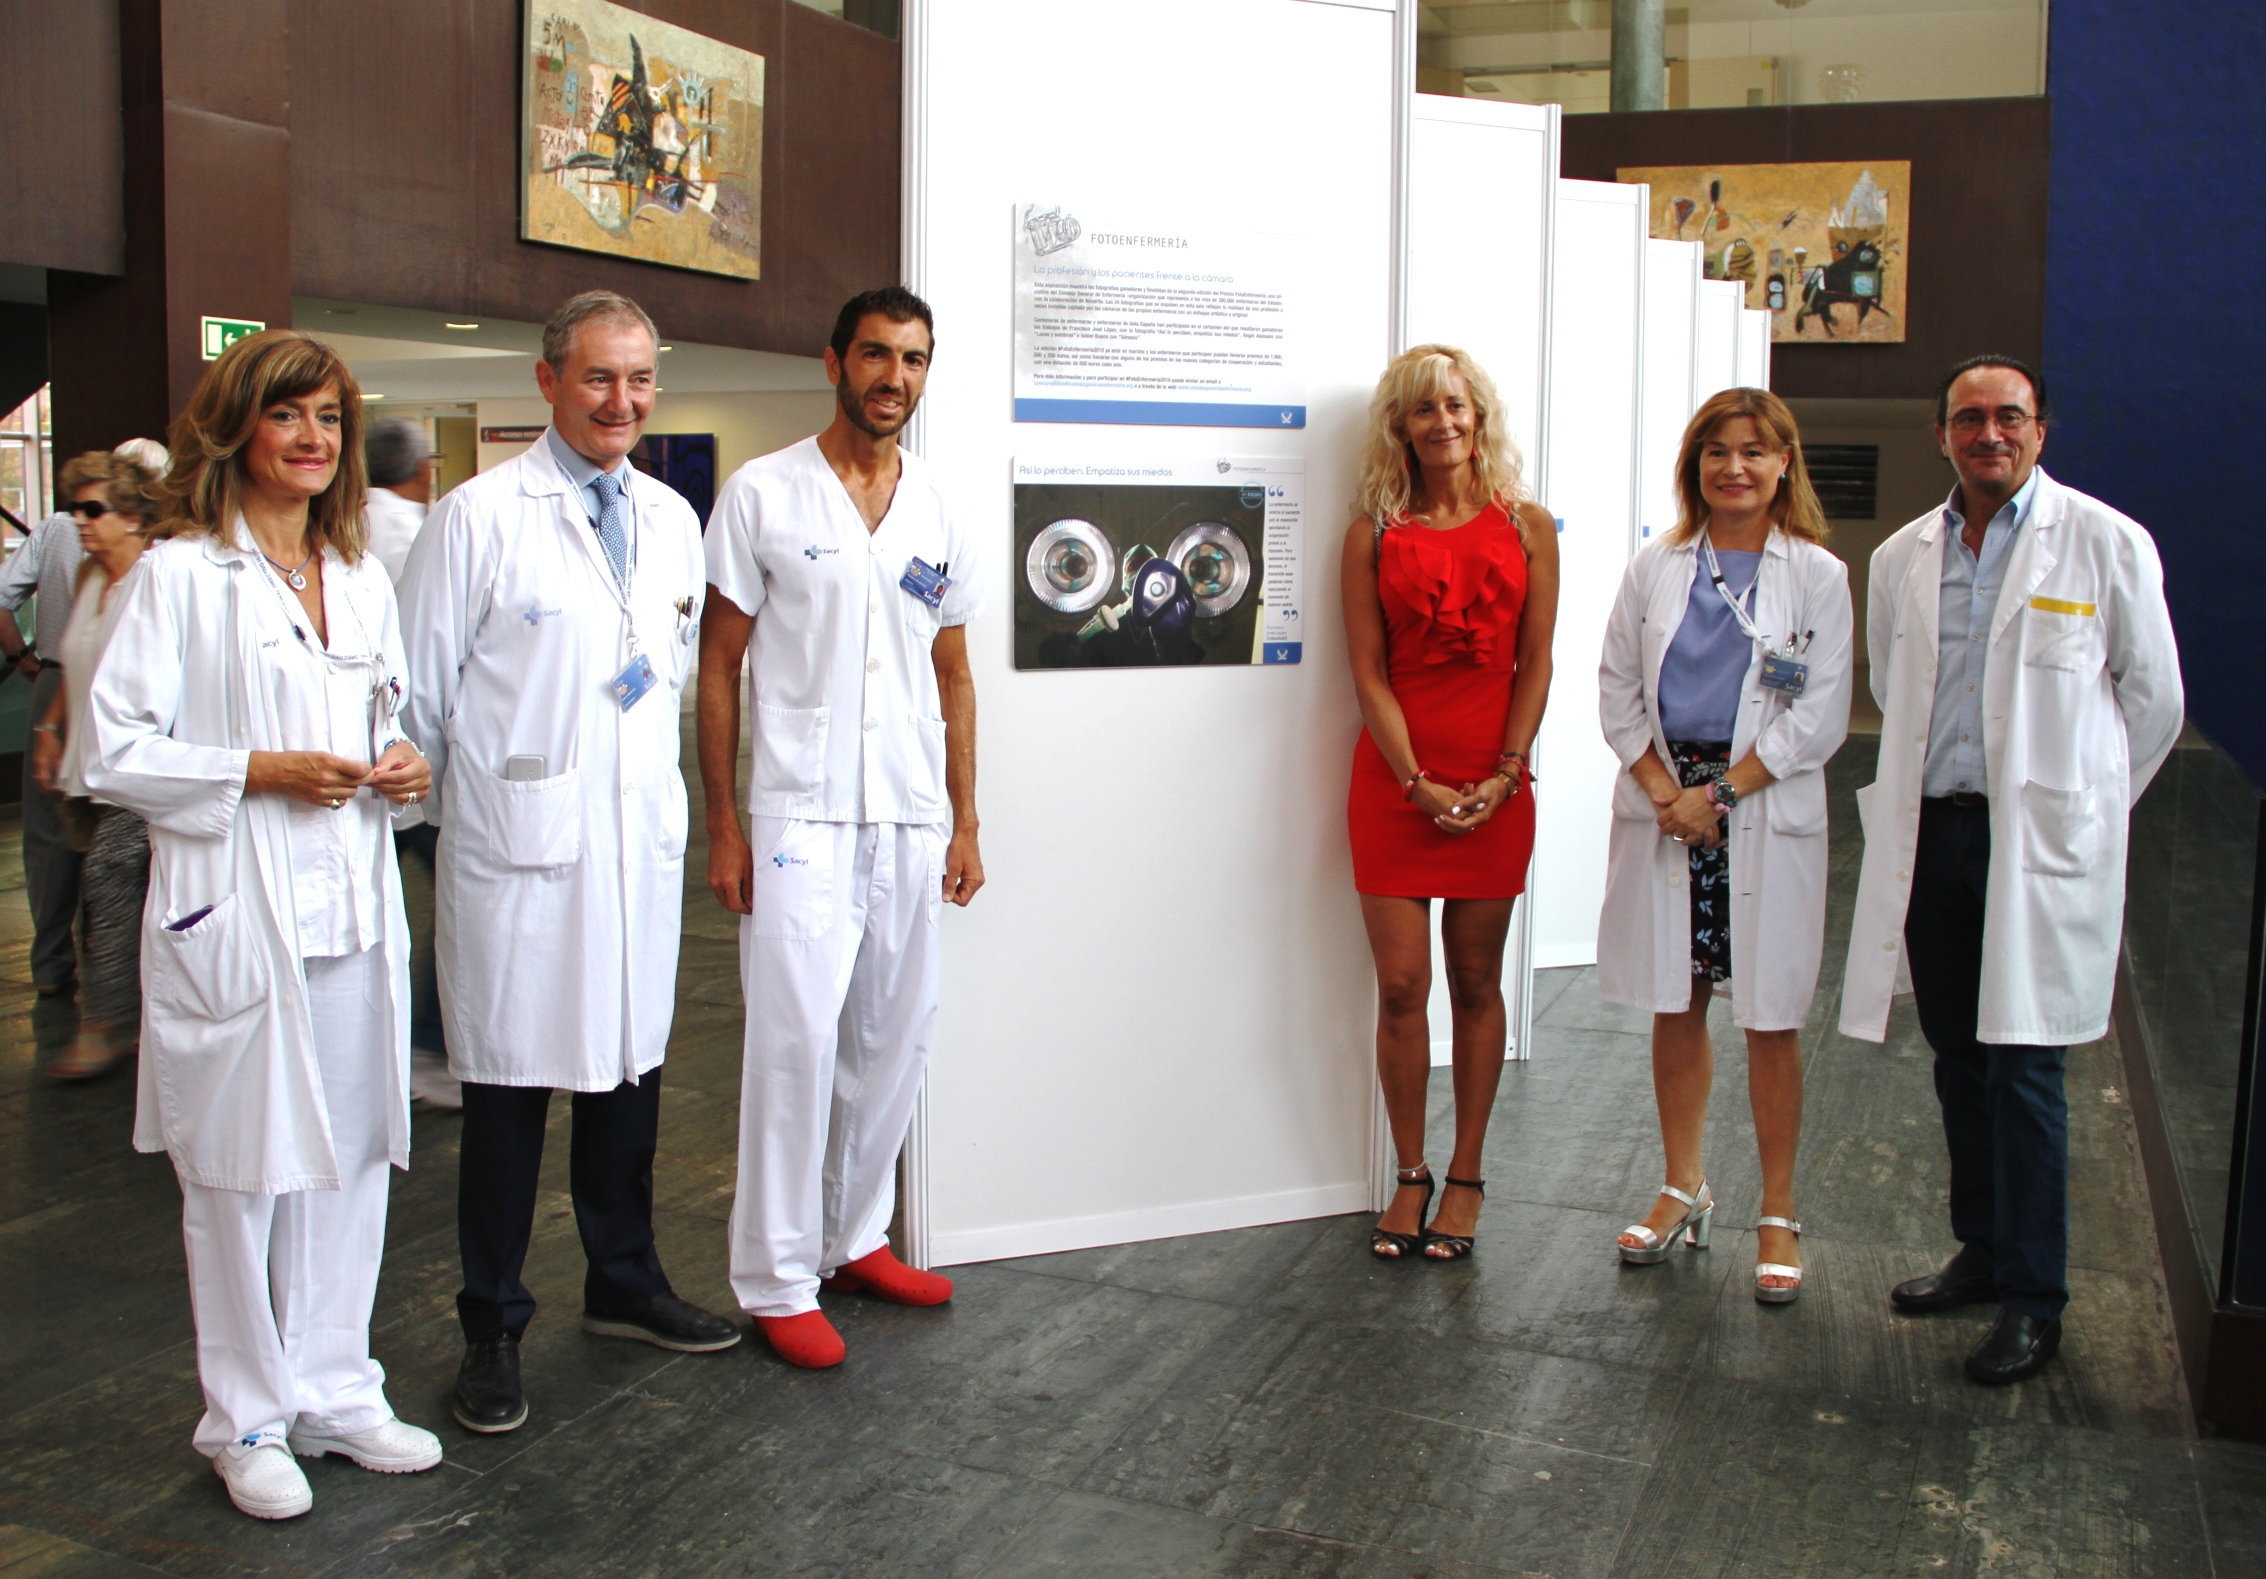 La exposición FotoEnfermería llega a Valladolid